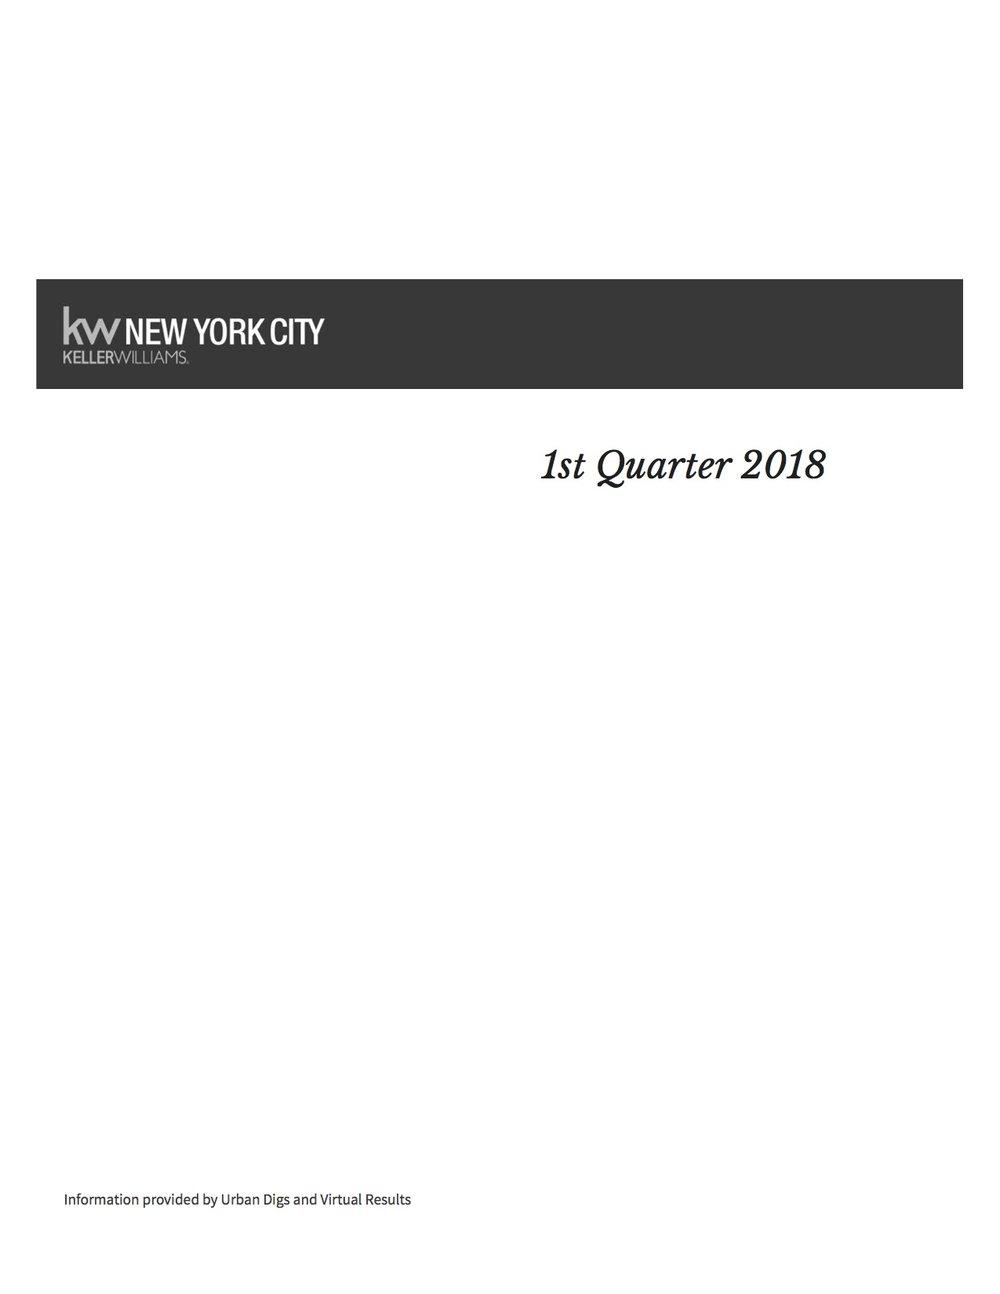 1st quarter 2018_1.jpg